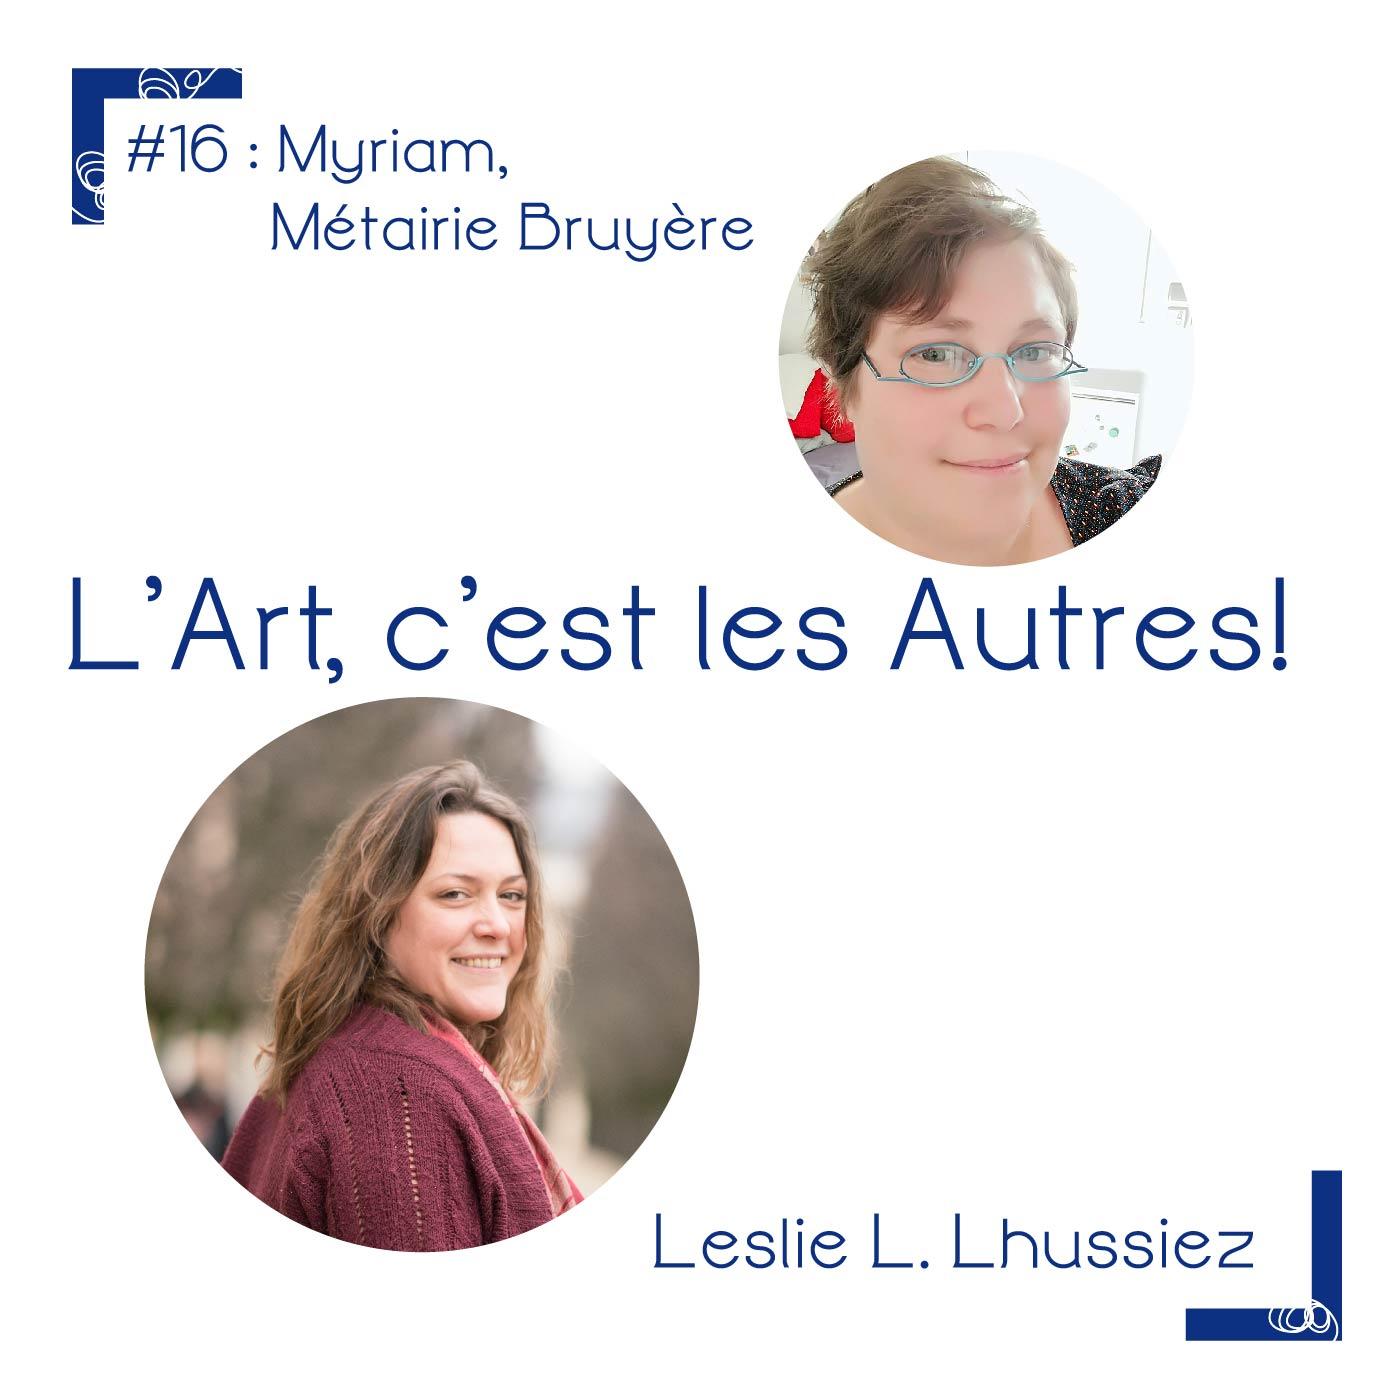 """Episode du podcast """"L'art, c'est les autres"""". On rencontre myriam, qui gère l'association aux quatre vents de l'art, au sein de la Métairie de Bruyère, dans l'Yonne."""